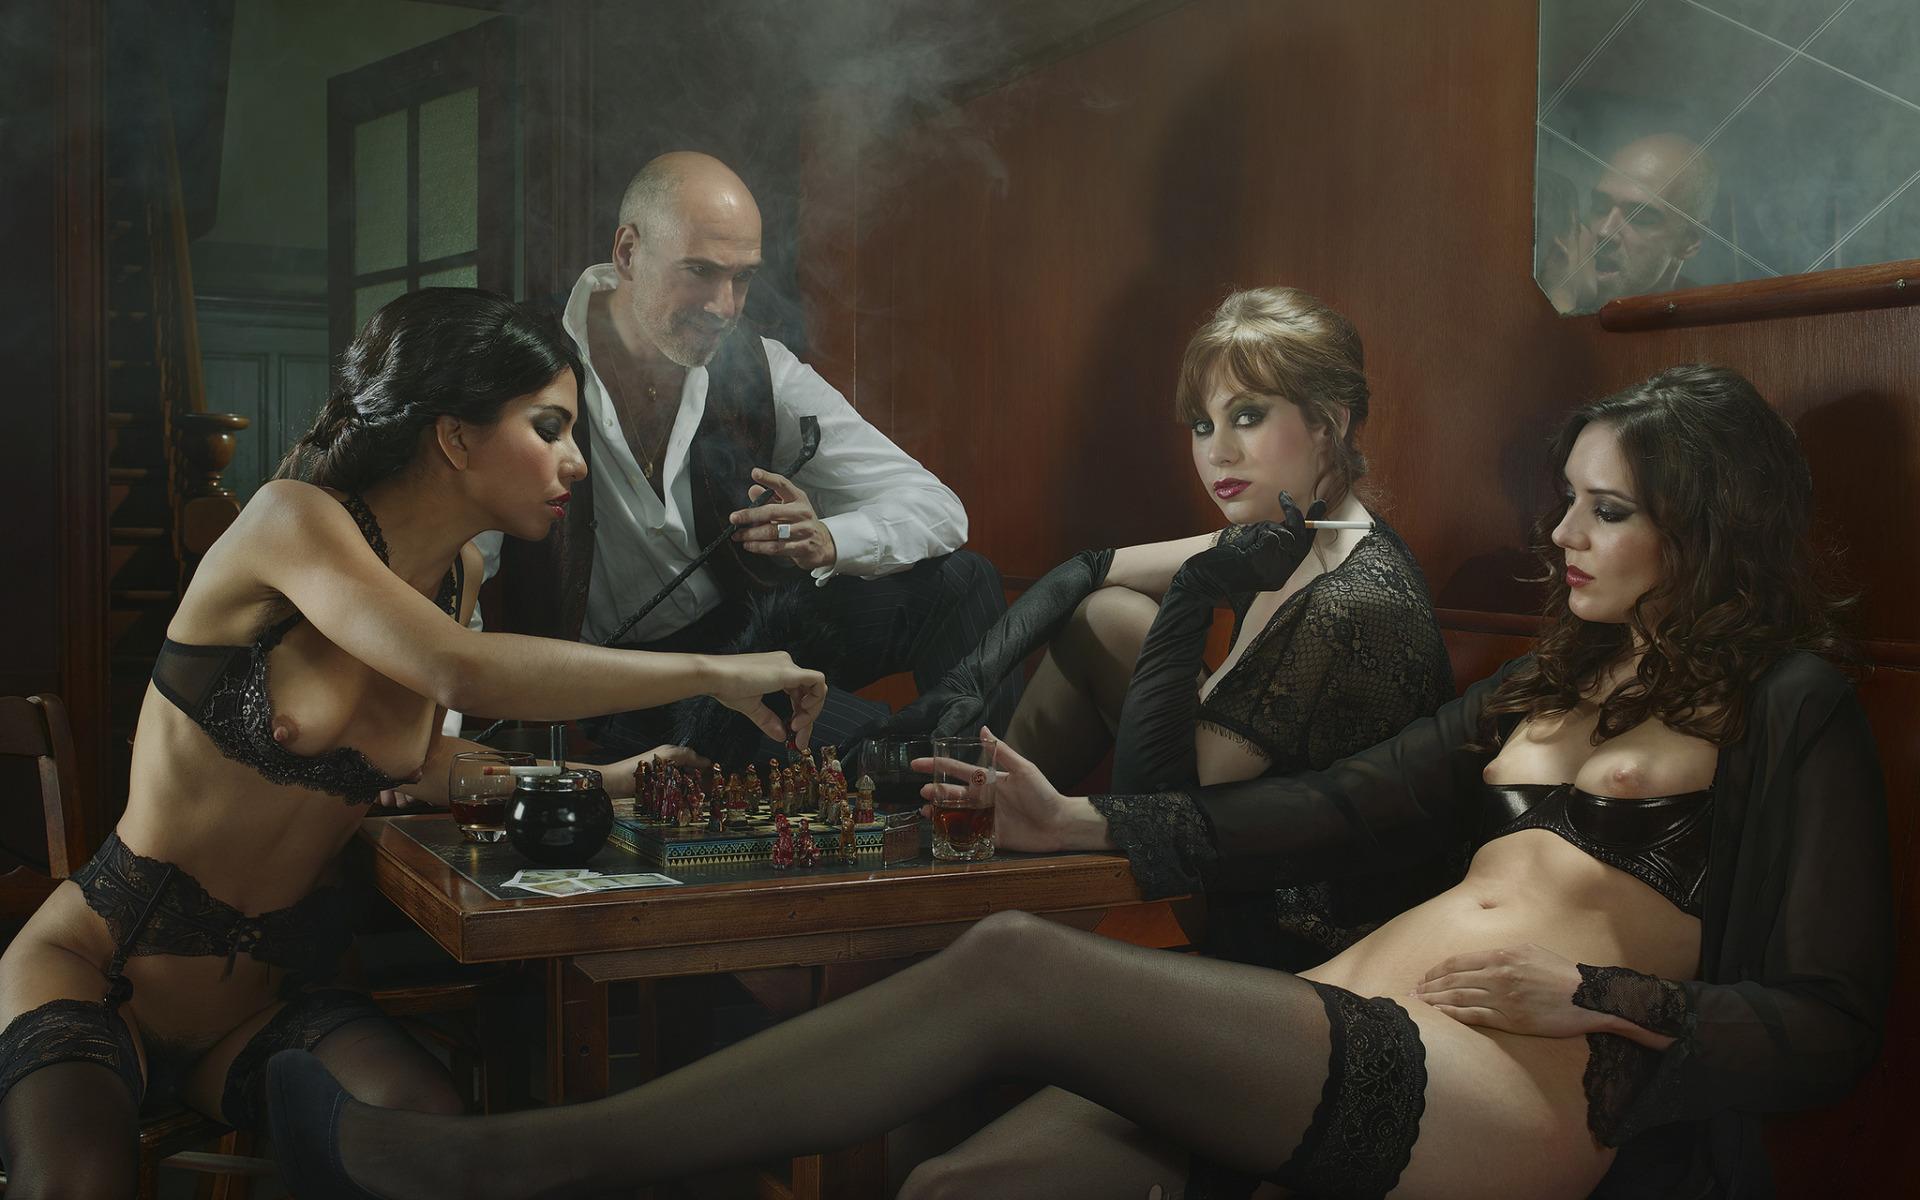 Эротика и проституция